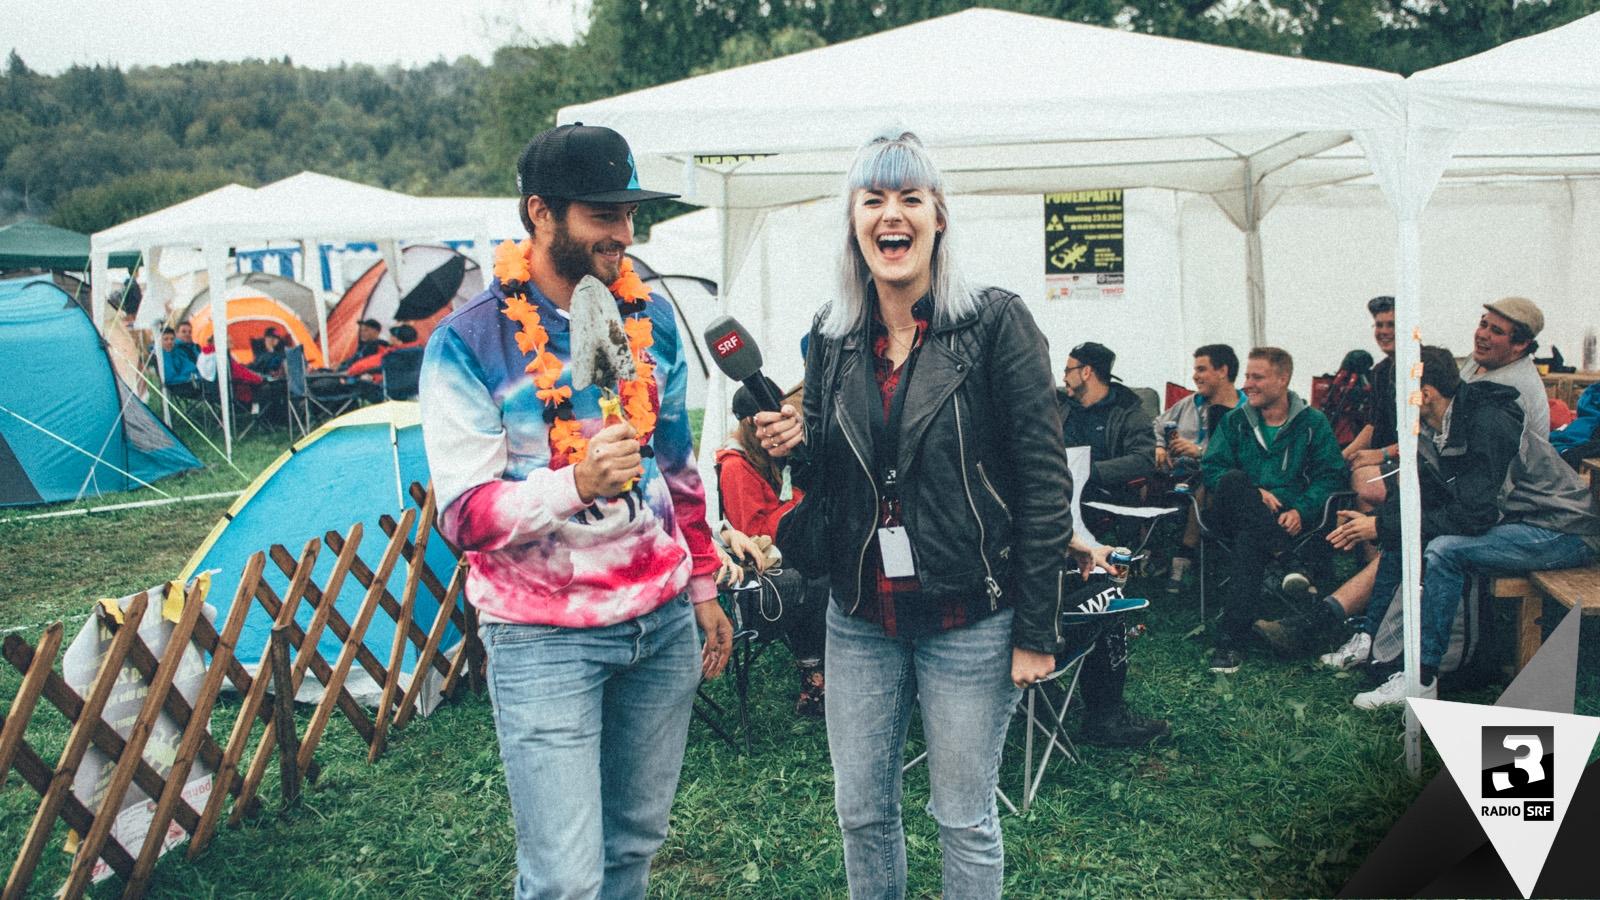 Heitere Open Air 2017: Warum schleppt ihr so viel Zeugs auf den Berg?